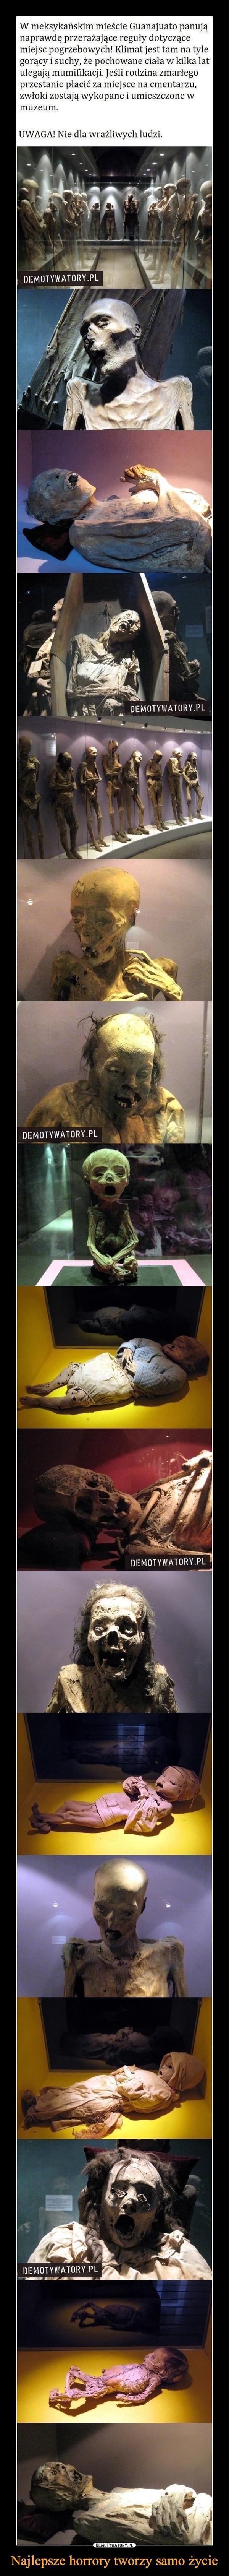 Najlepsze horrory tworzy samo życie –  W meksykańskim mieścle Guanajuato panujqnaprawdę przeražalace reguly dotyczącemiejscgoracy I suchy,ze pochowane clala w lalka latulegają mumifikacji. Jesli rodzina zmartegoprzestanie placić za miejsce na cmentarzuewloki zostaja wykopane i umieszczone w! Klimat jest tam na tyleUWAGAINie dla wraliwych ludzi